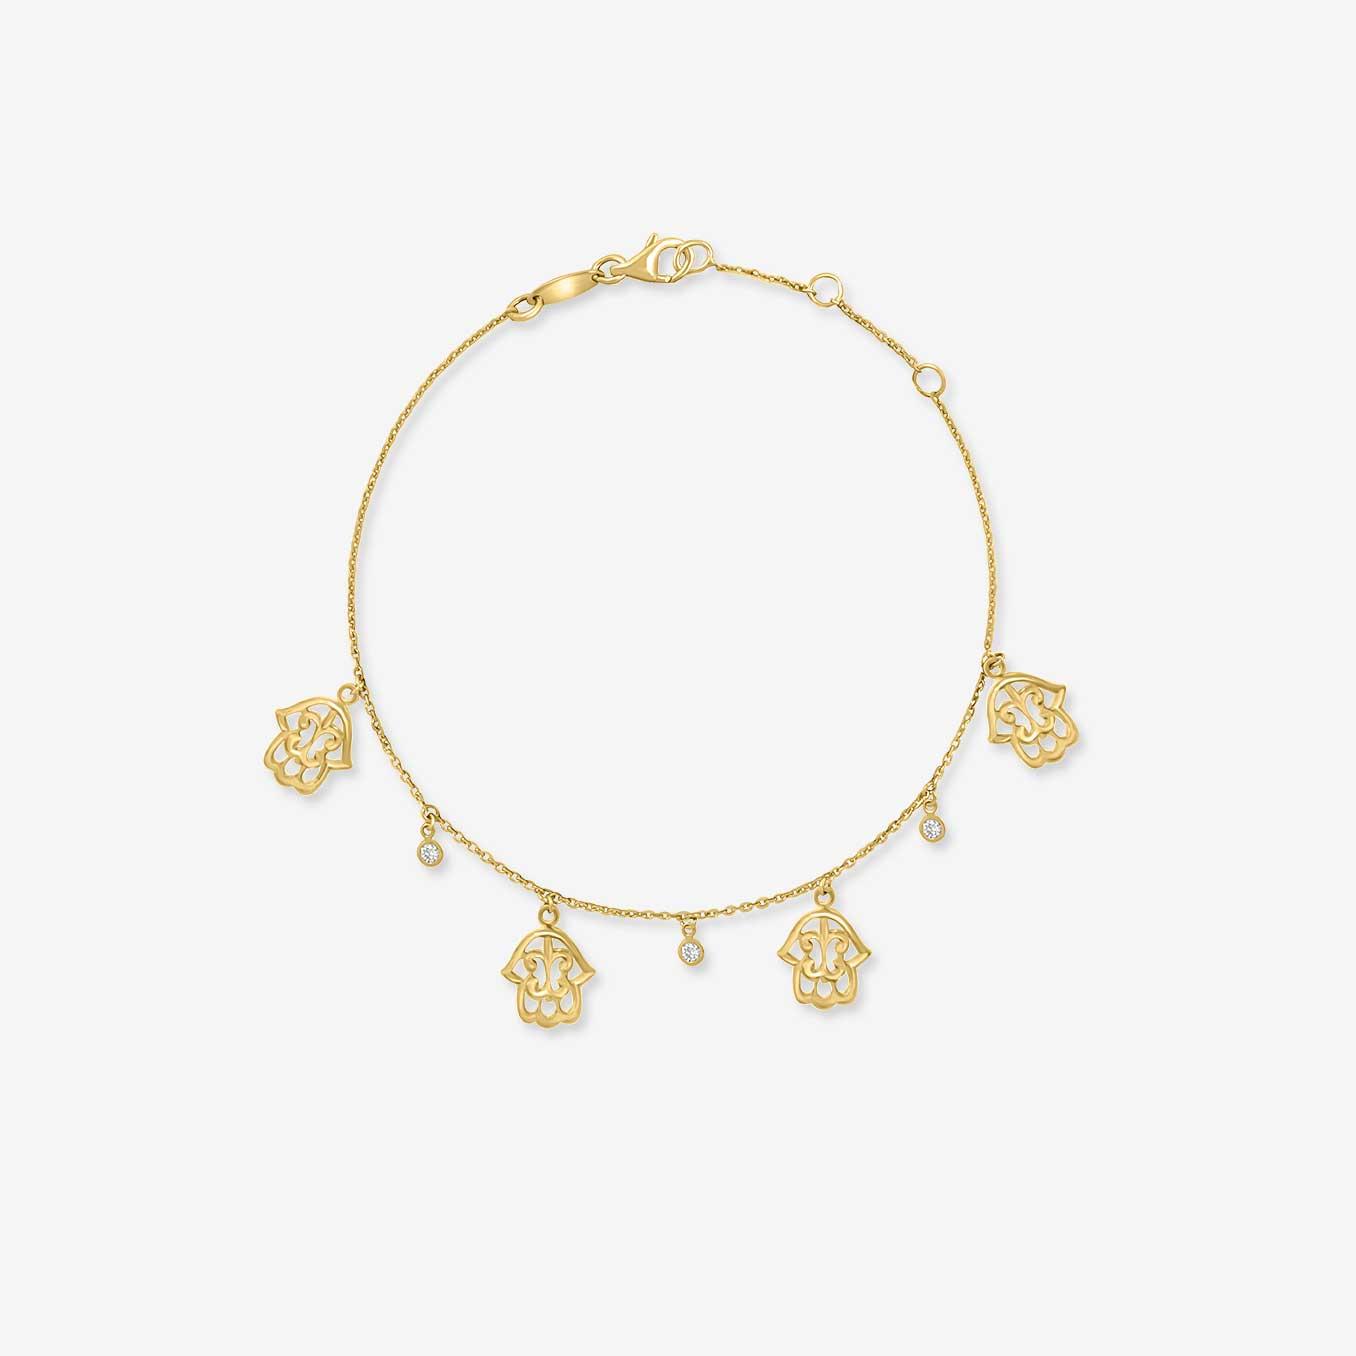 Bracelet-sweet-beldi-en-or-jaune-et-diamants-Bijouterie-traditionbnelle-Maroc-Bijoux-beldi